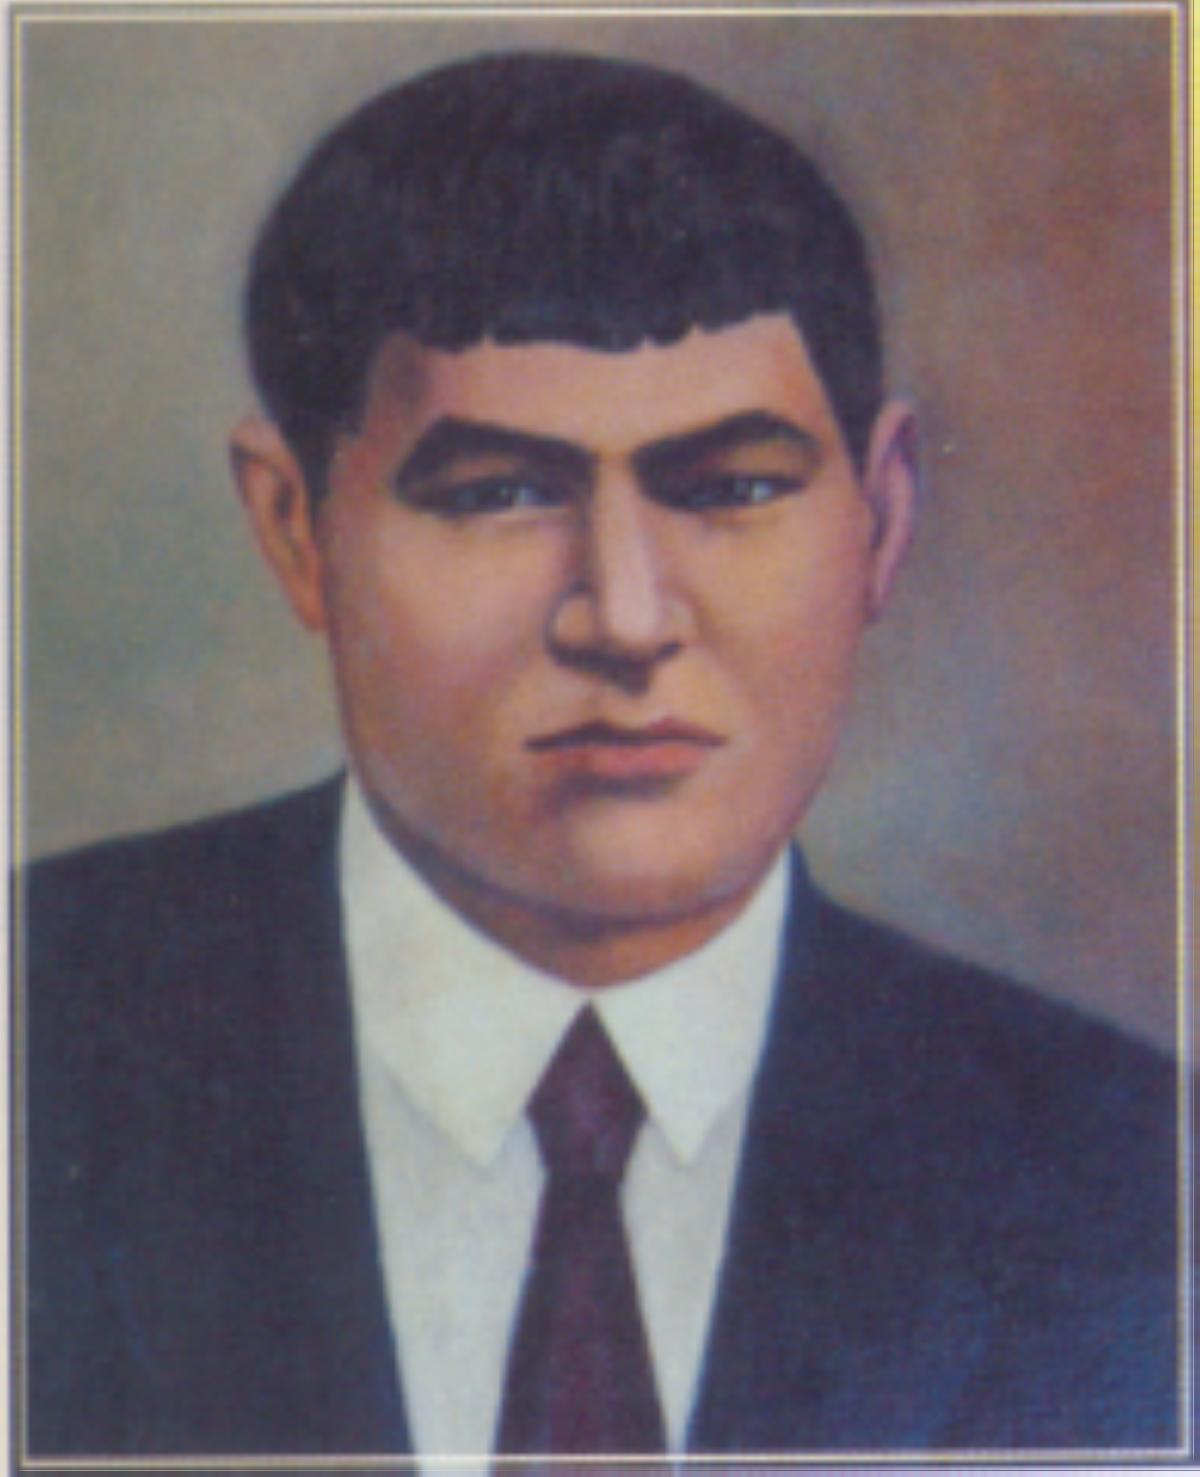 burkitbaiov